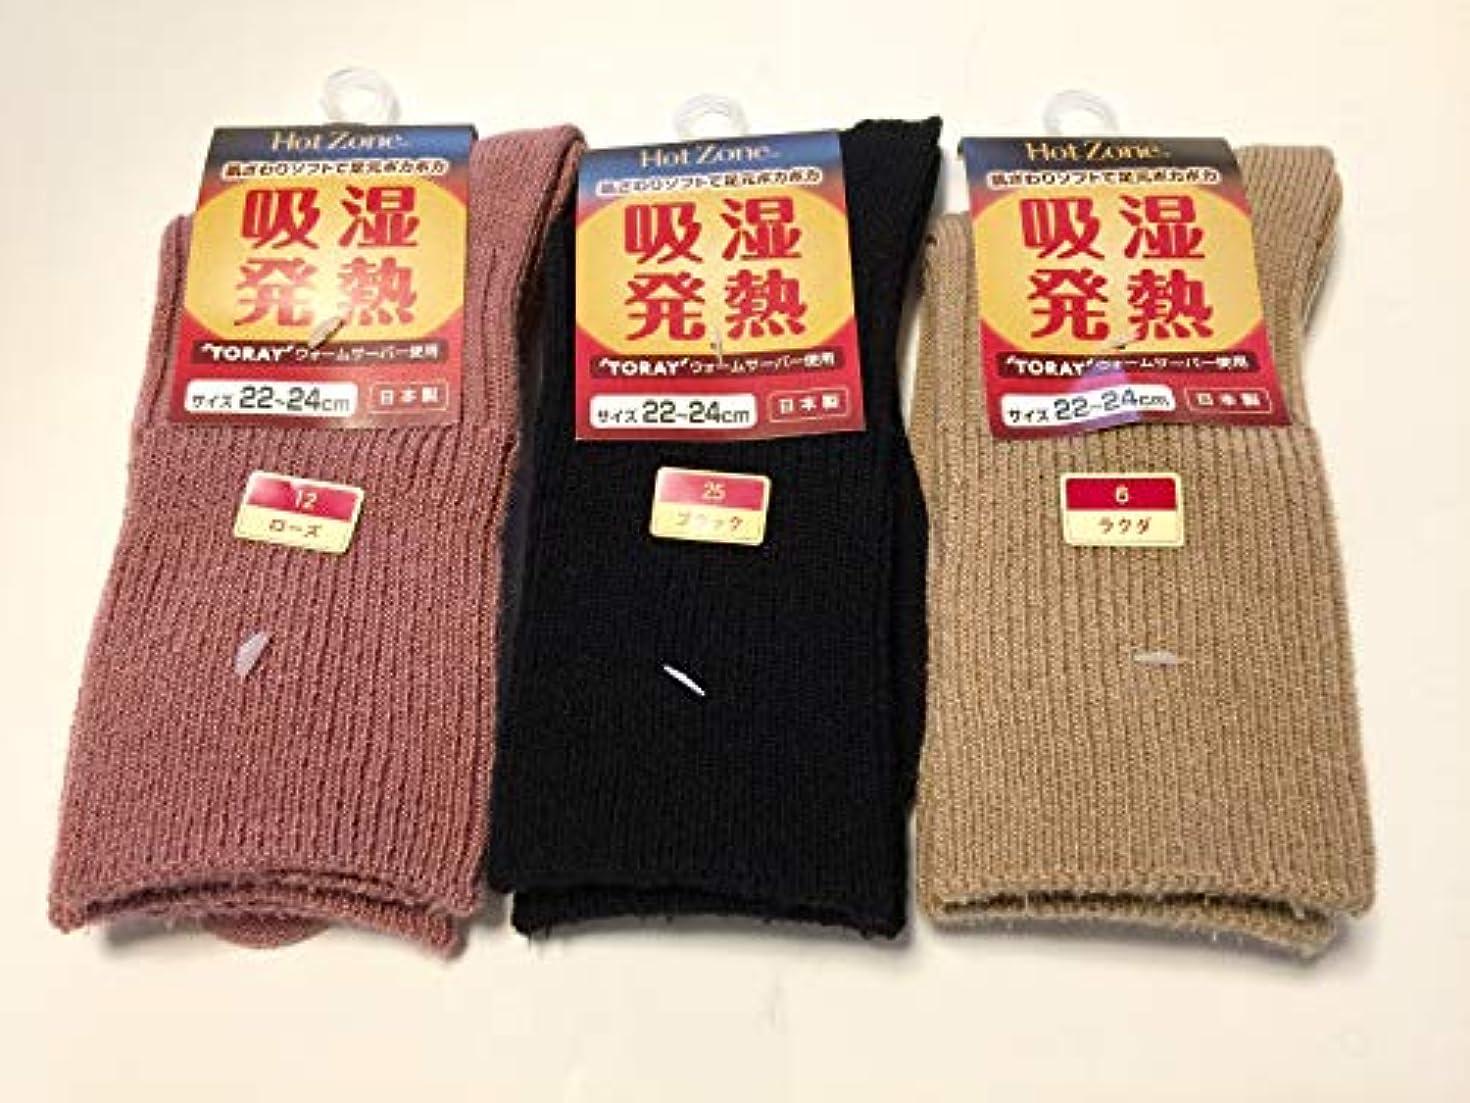 強制サイバースペース感度日本製 靴下 あったか レディース 吸湿発熱 毛混 口ゴムゆったり 22-24cm 3足組